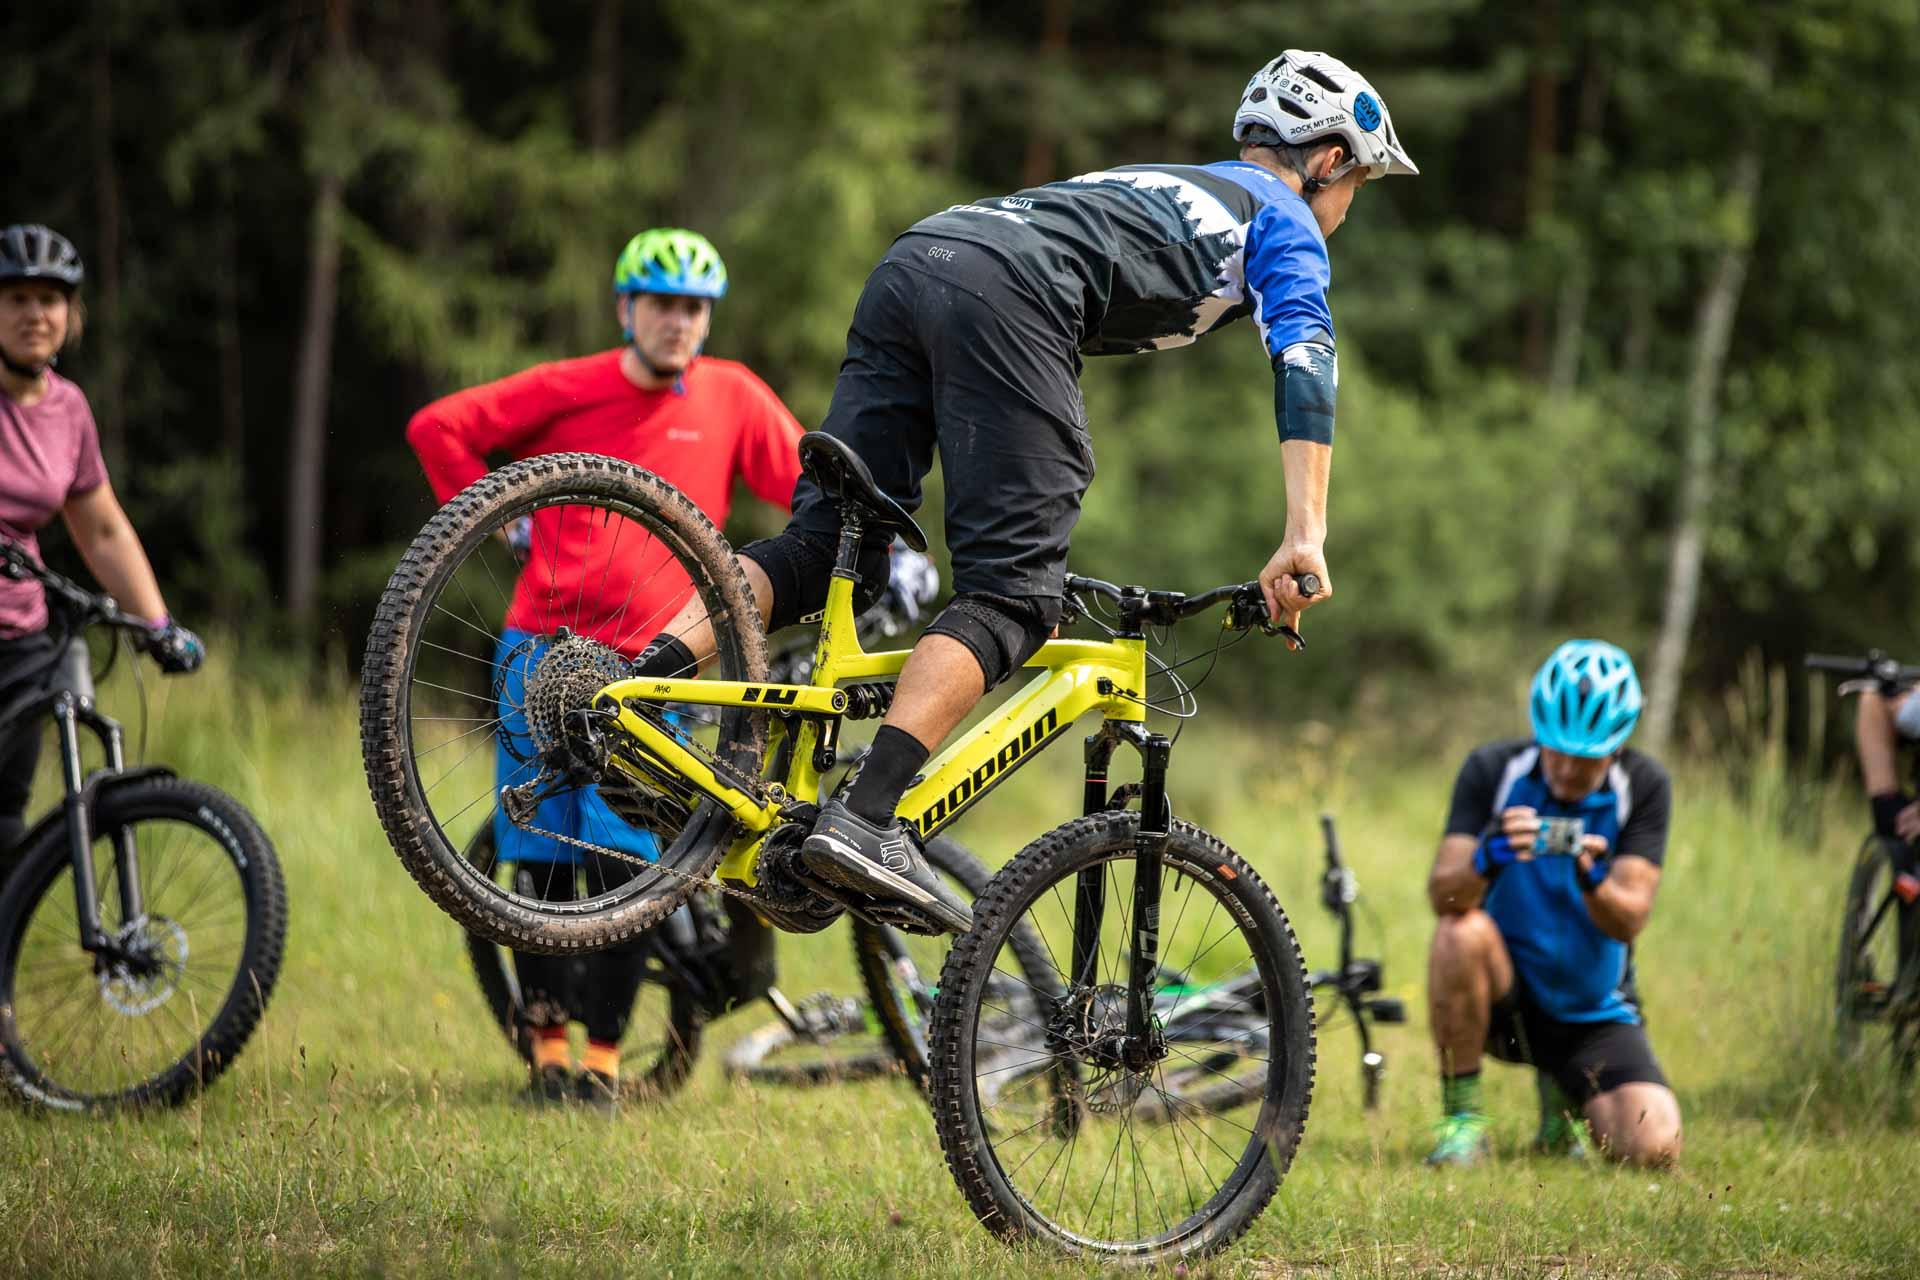 eMTB Fortgeschritten Fahrtechnik Kurs in Koblenz - Rock my Trail Bikeschule